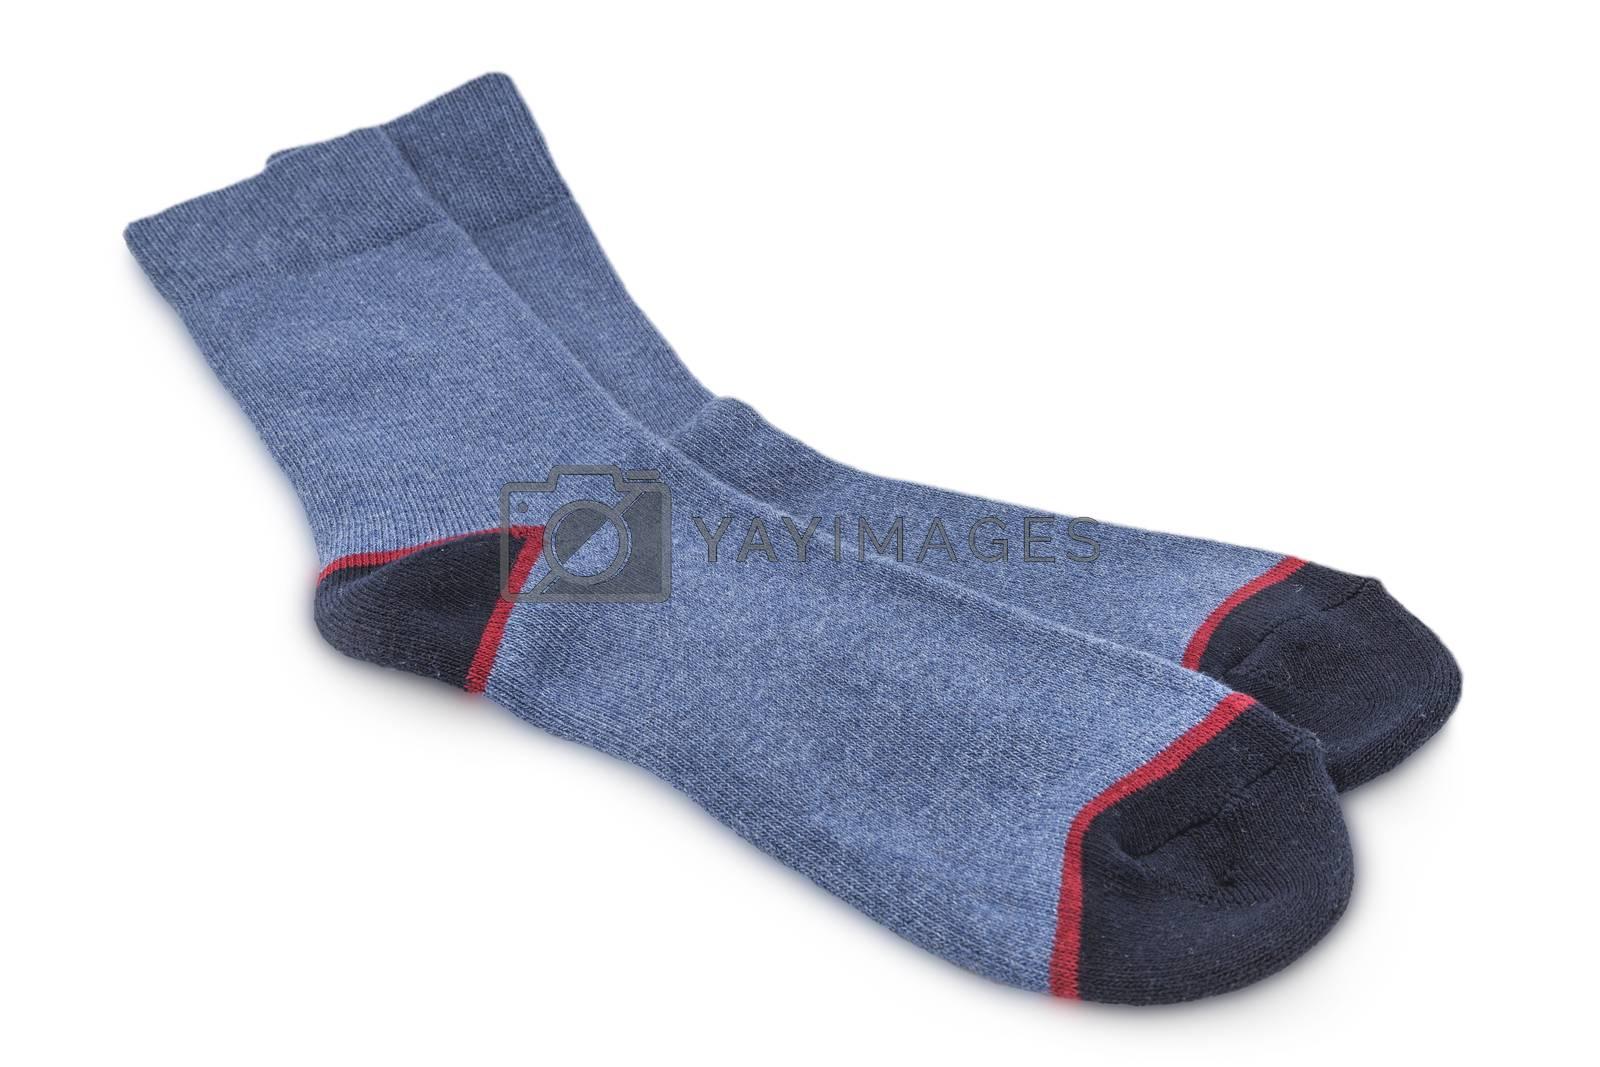 winter woolen men socks isolated on white background